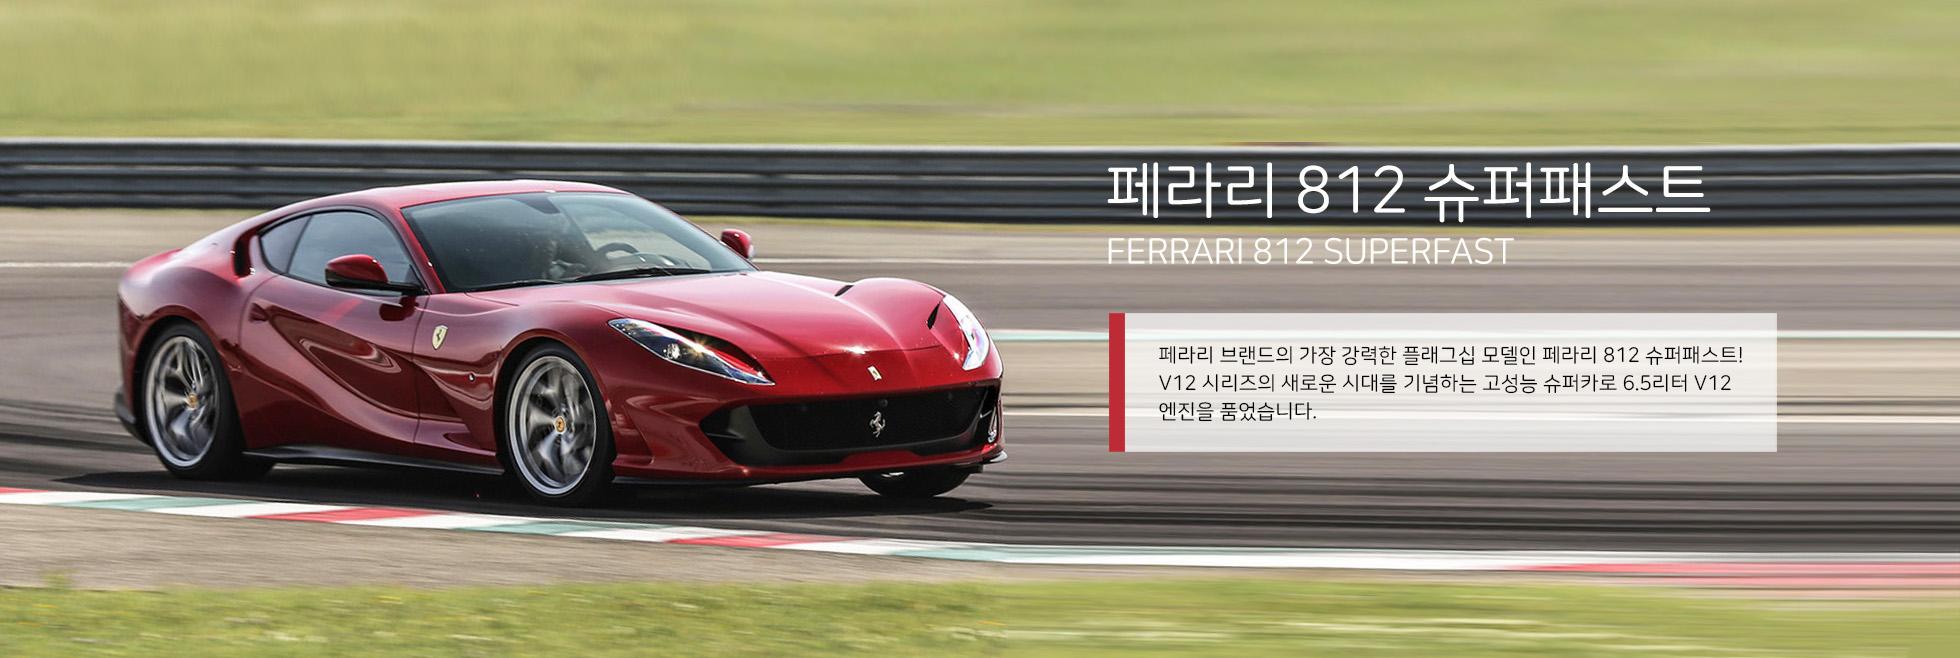 페라리-812 슈퍼패스트 설명-수정-01